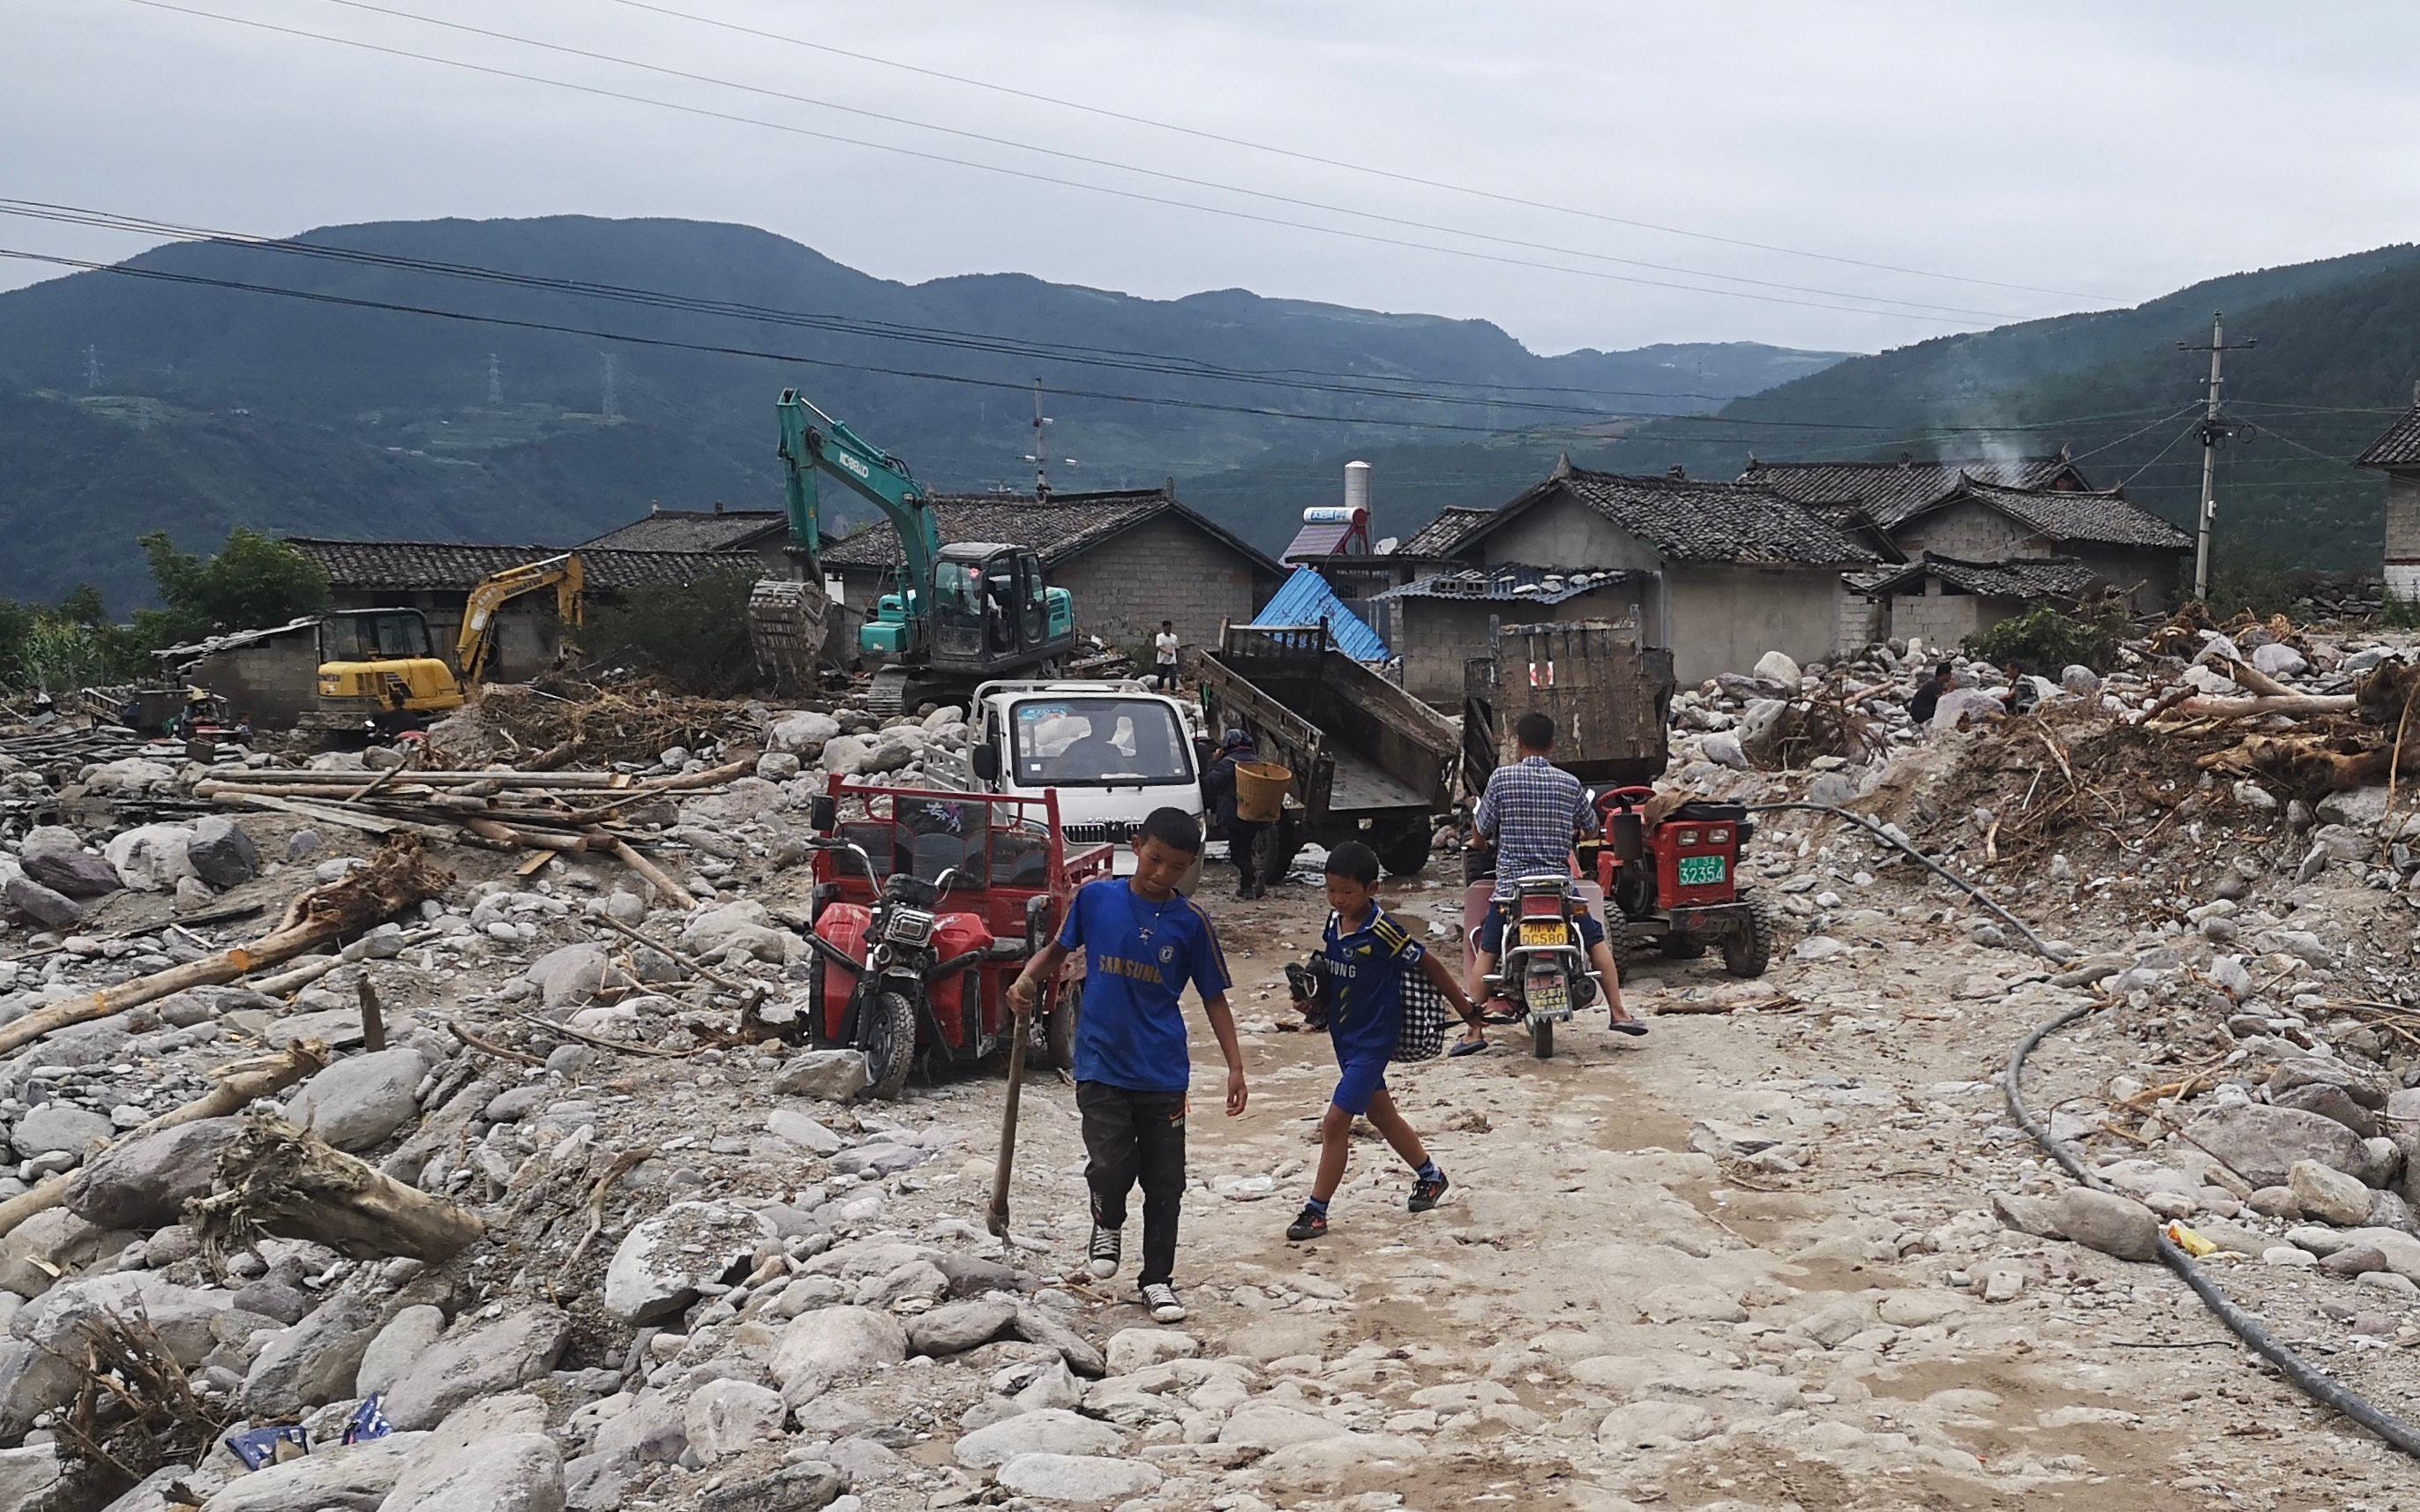 【雅虎博客】_四川冕宁特大暴雨中的大堡子村:河流改道,山石砸毁民房